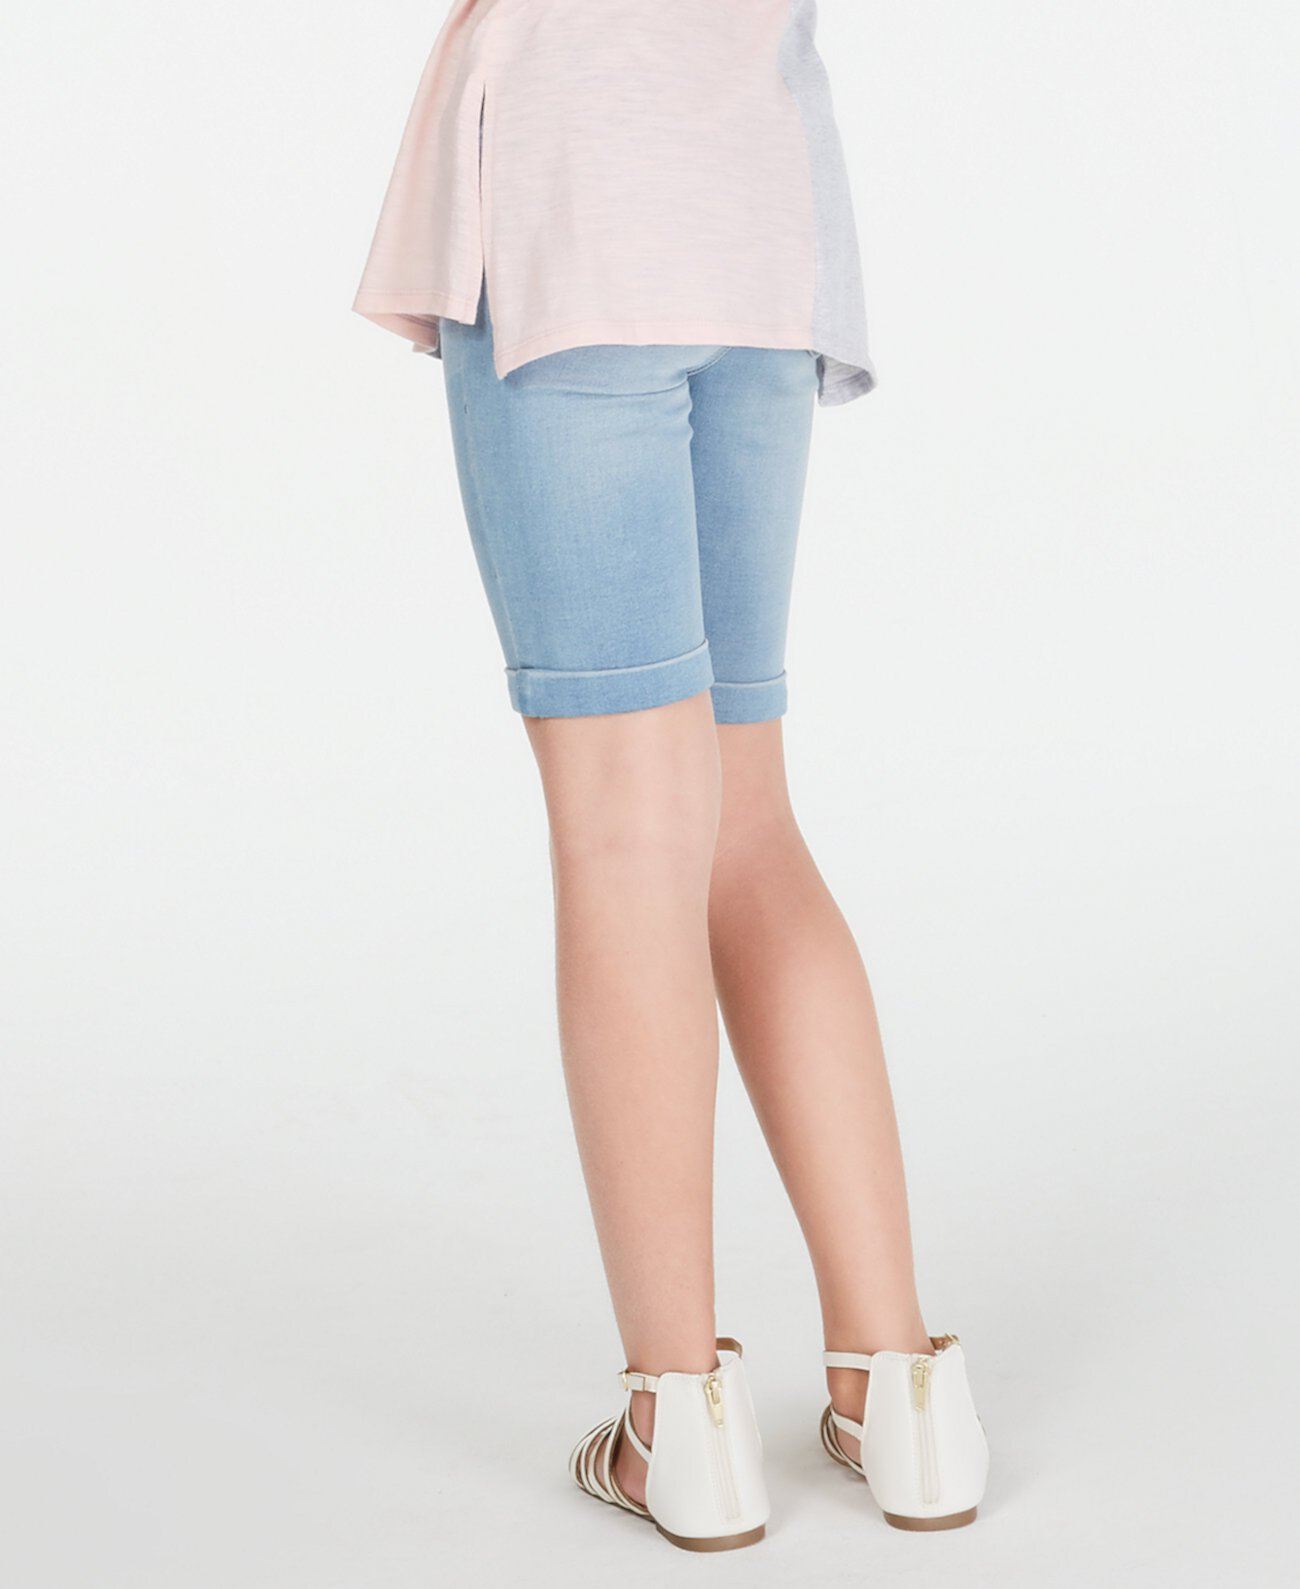 Джинсовые шорты-бермуды Big Girls, созданные для Macy's Epic Threads